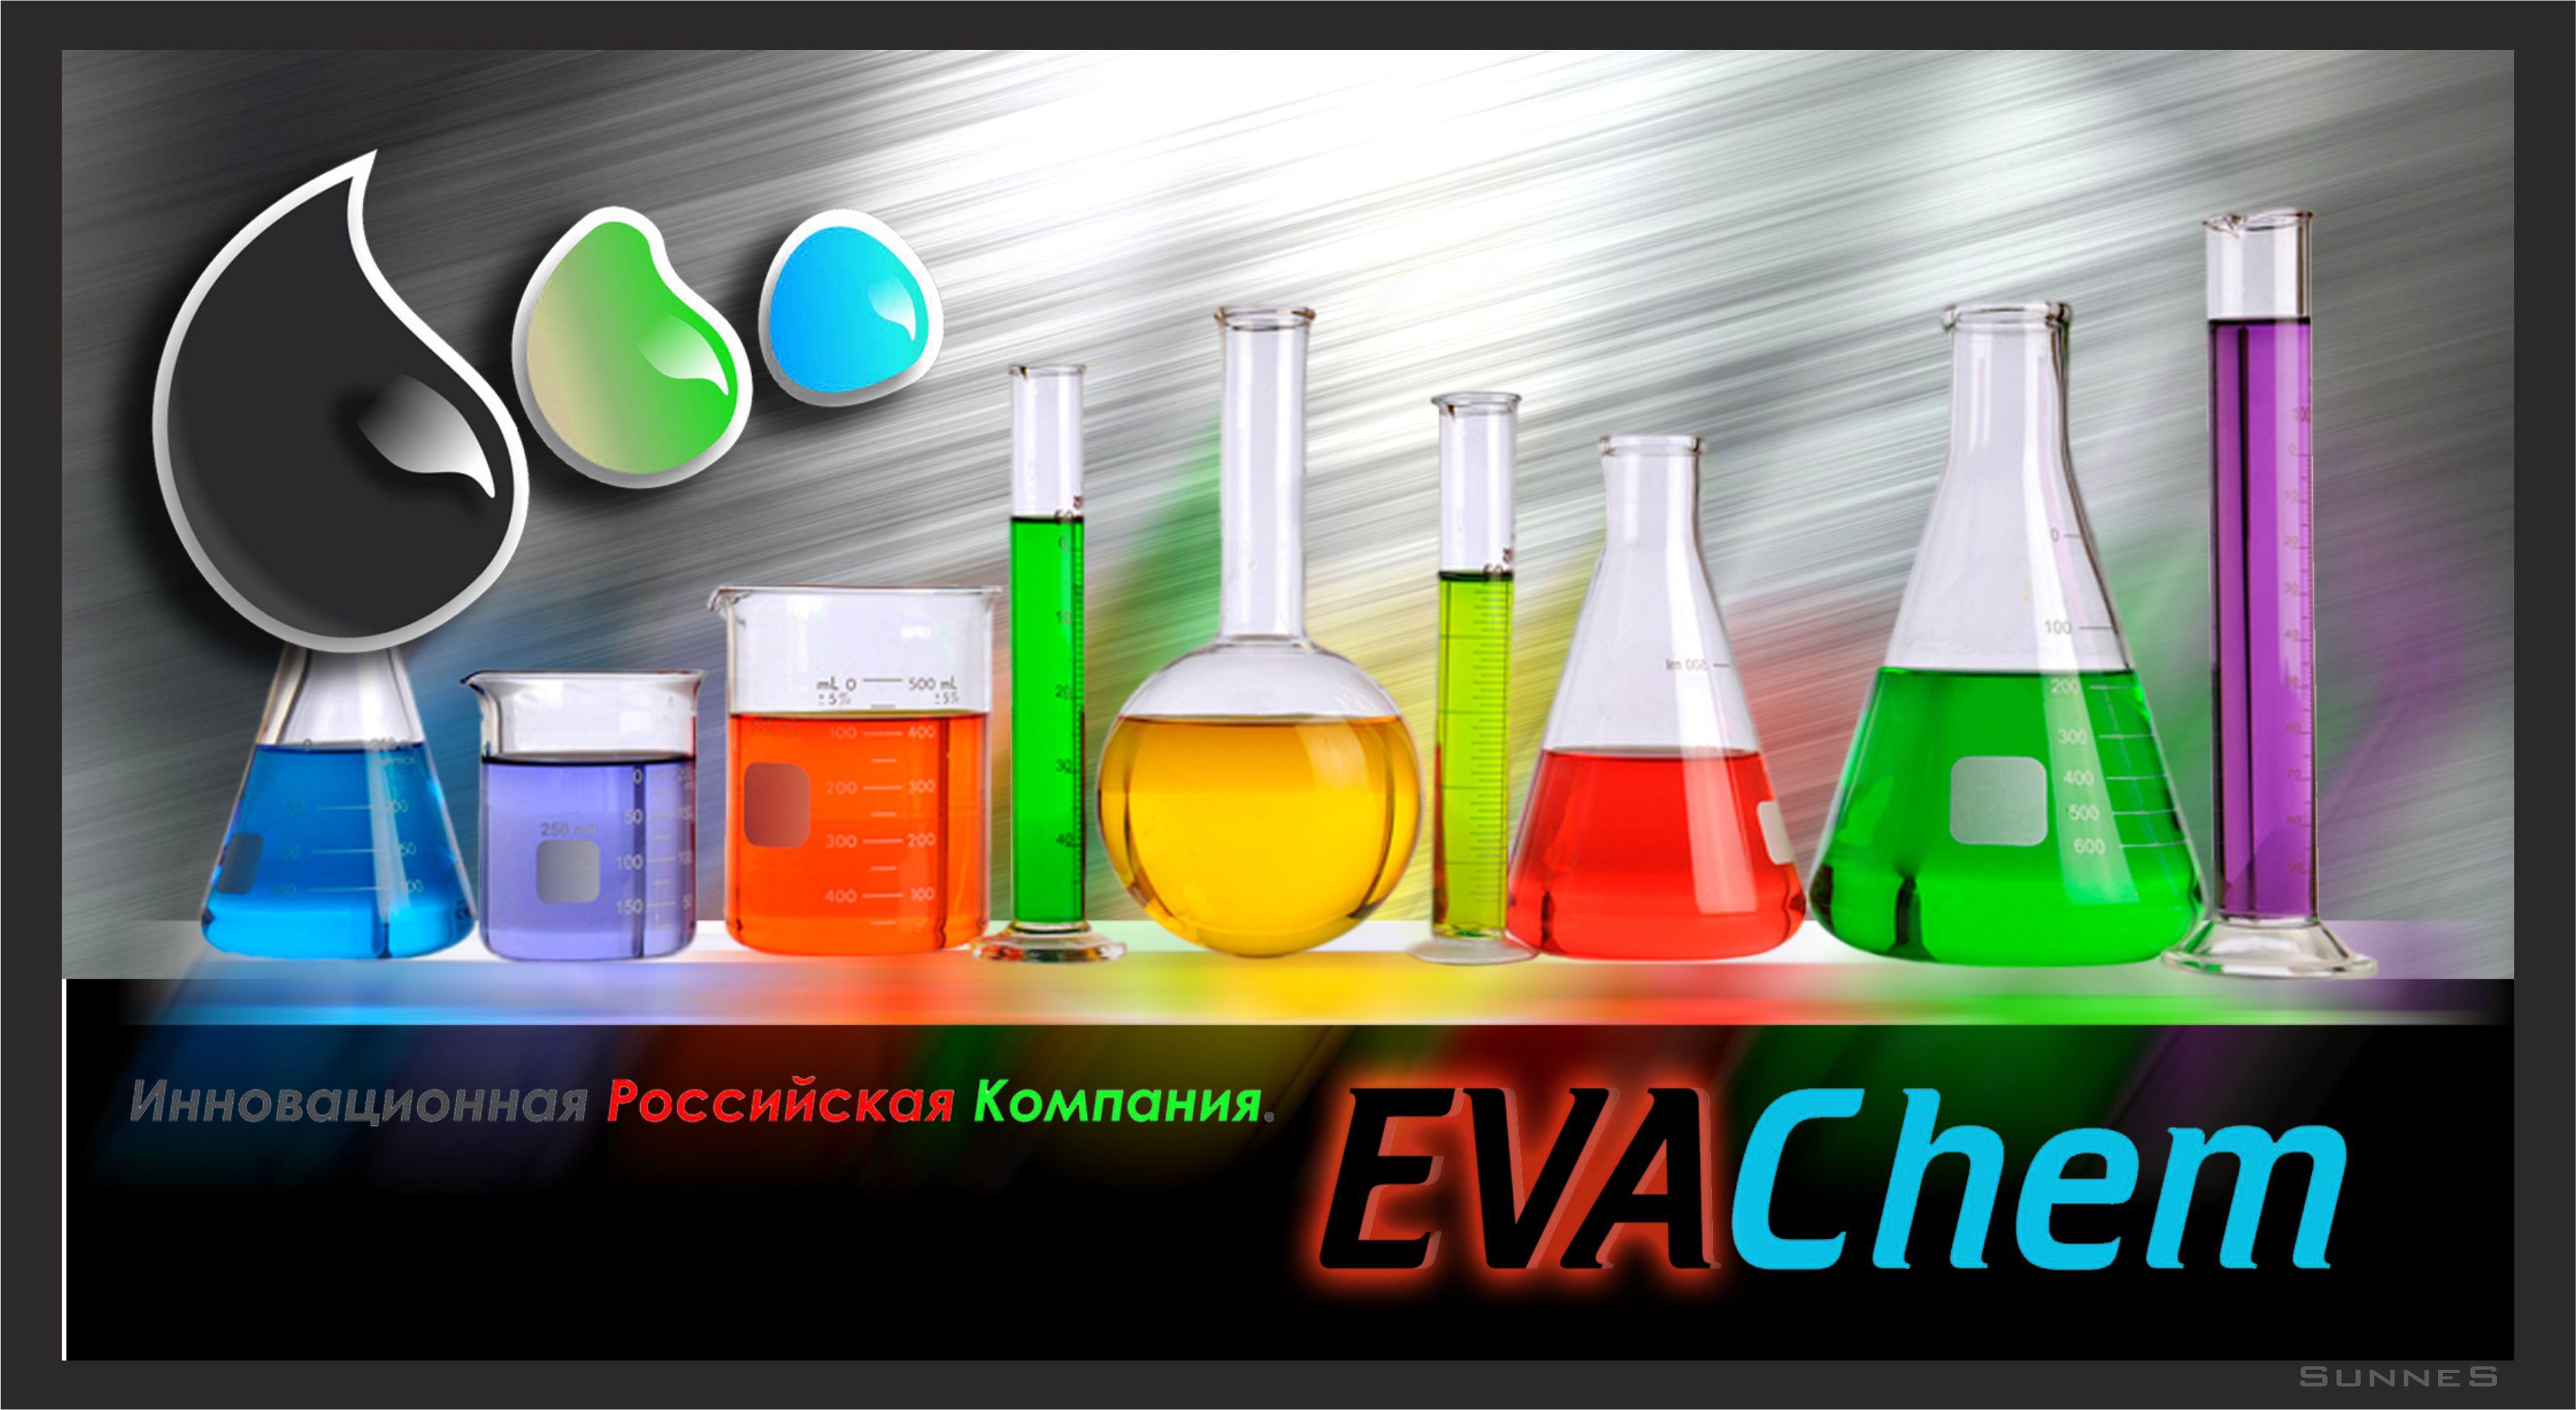 Разработка логотипа и фирменного стиля компании фото f_330572a2716b77a3.jpg